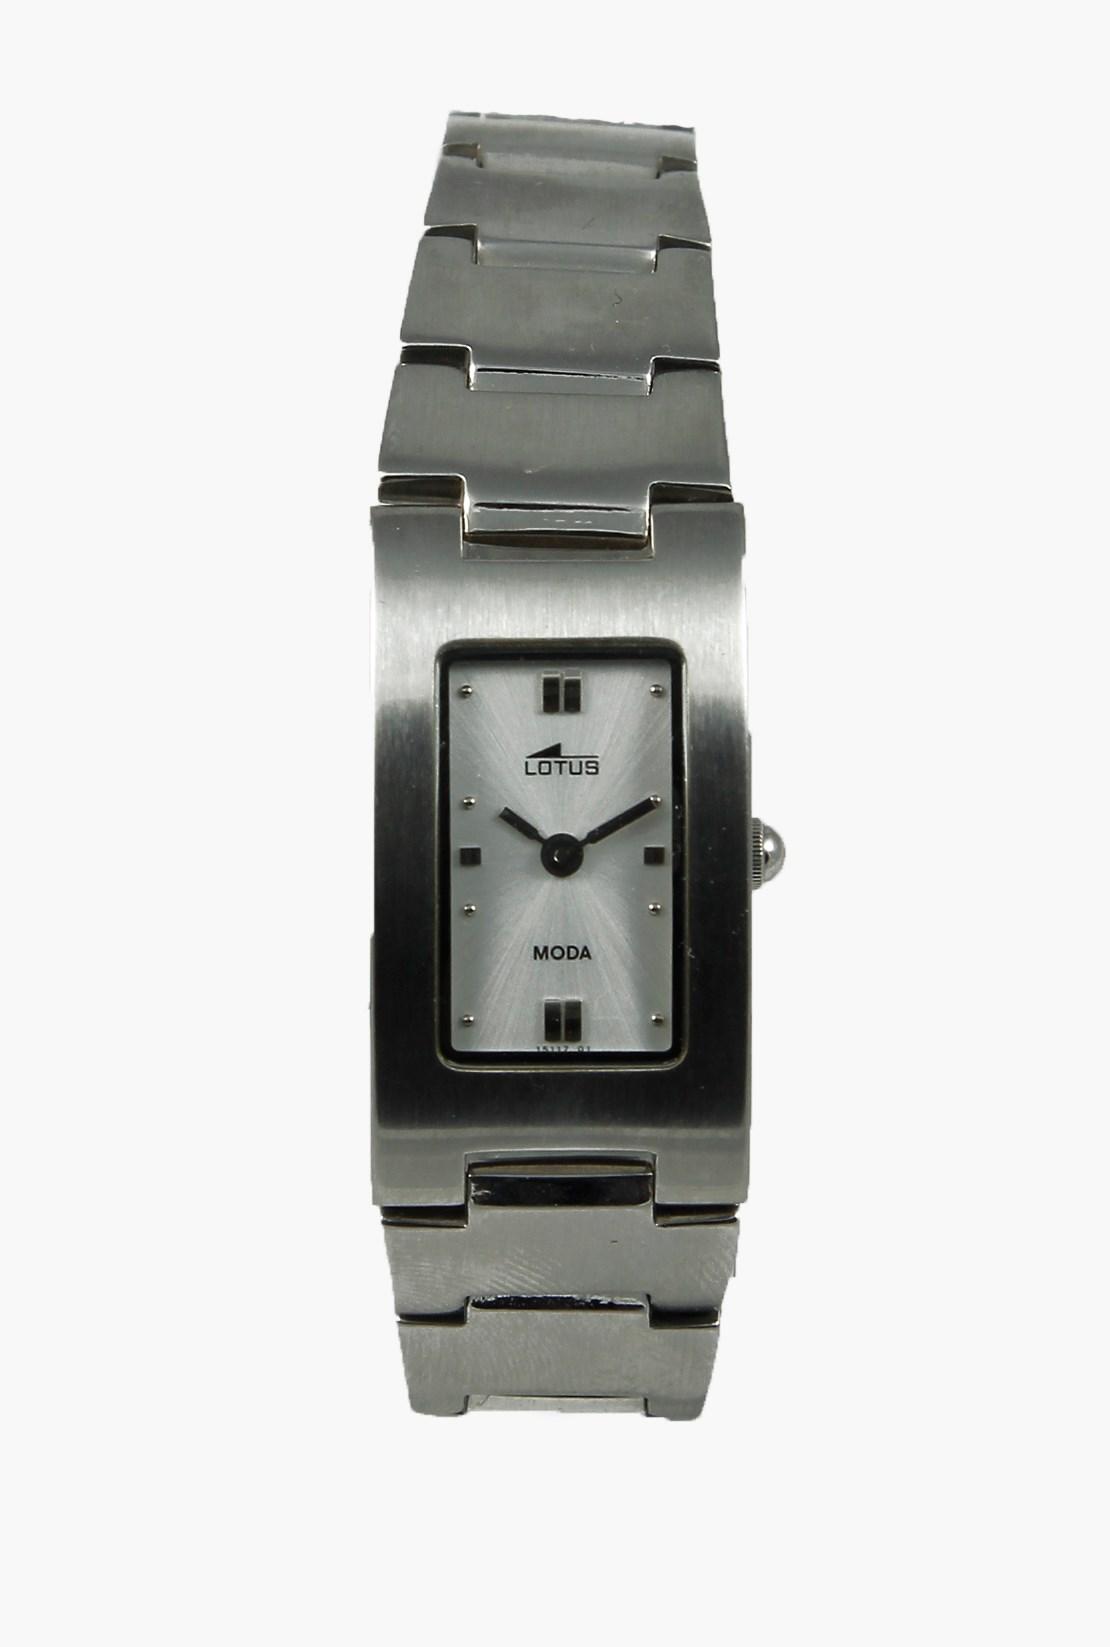 Relojes lotus mujer - precio en tiendas de 34€ a 1407€ - LaTOP.es 8fcc0cdf47c4